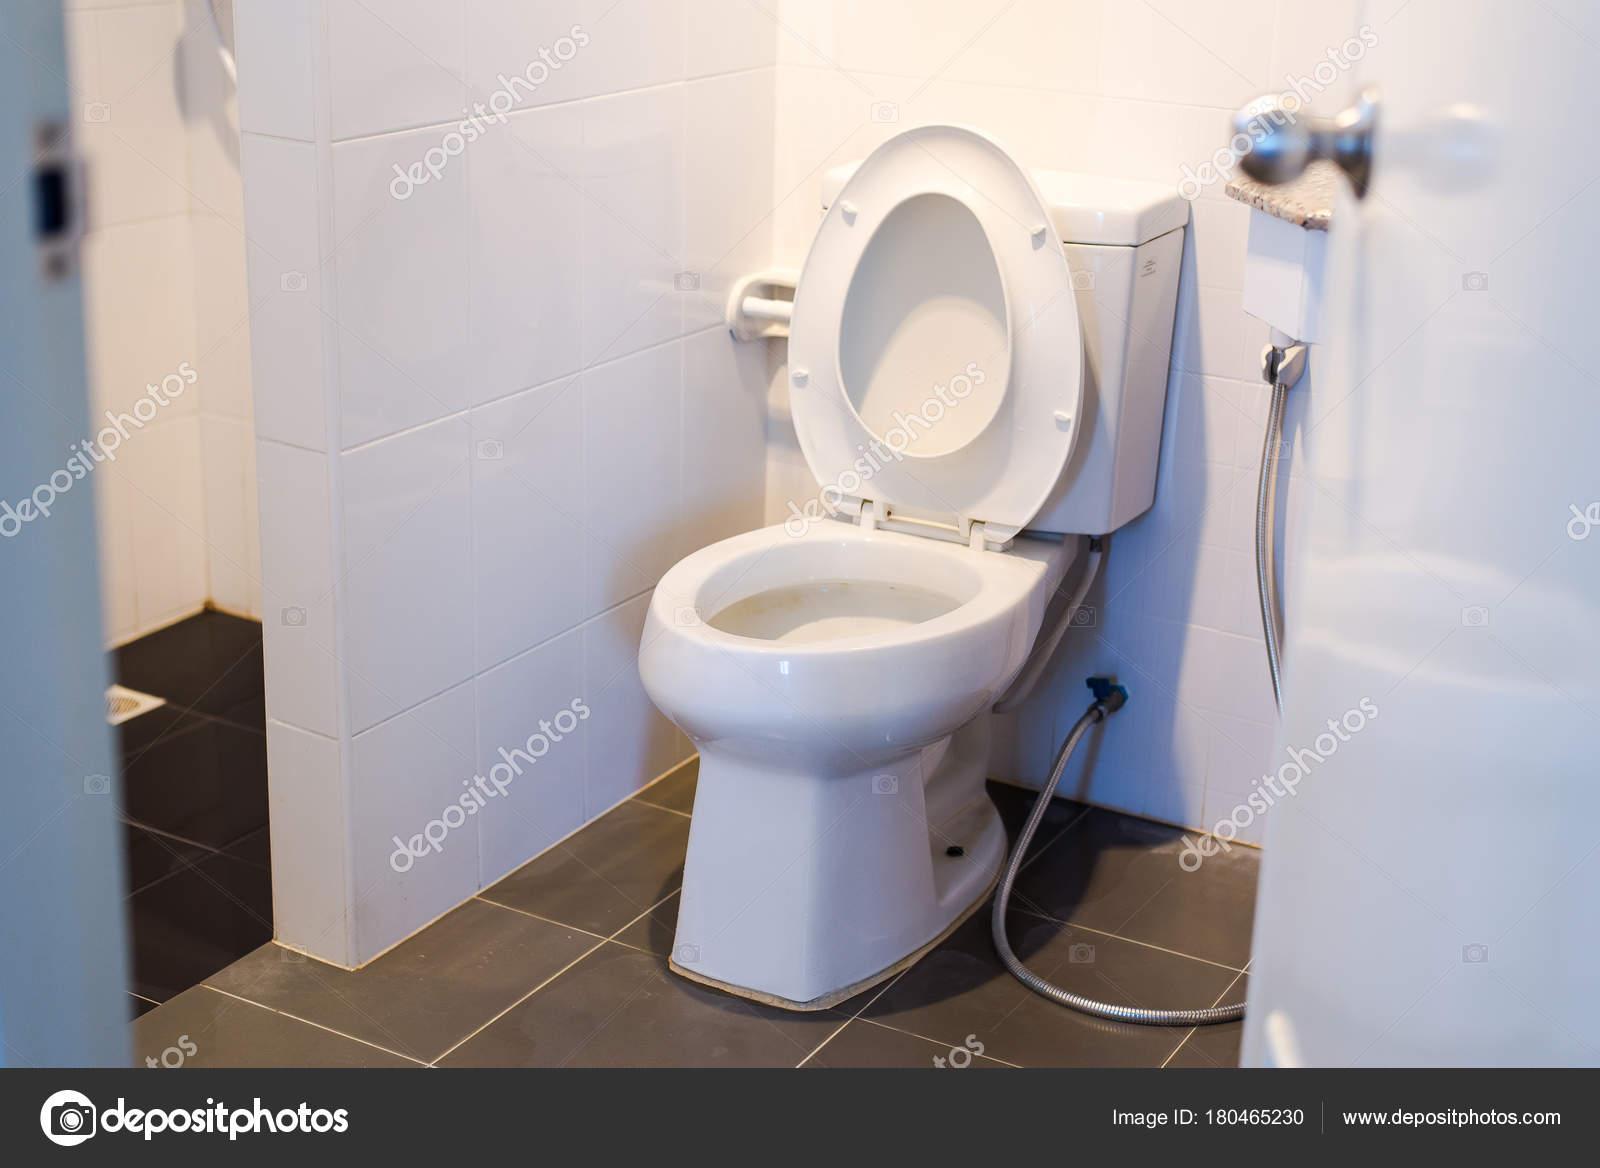 Bol Blanc Toilettes Modernes Dans Une Salle Bain Toilette ...